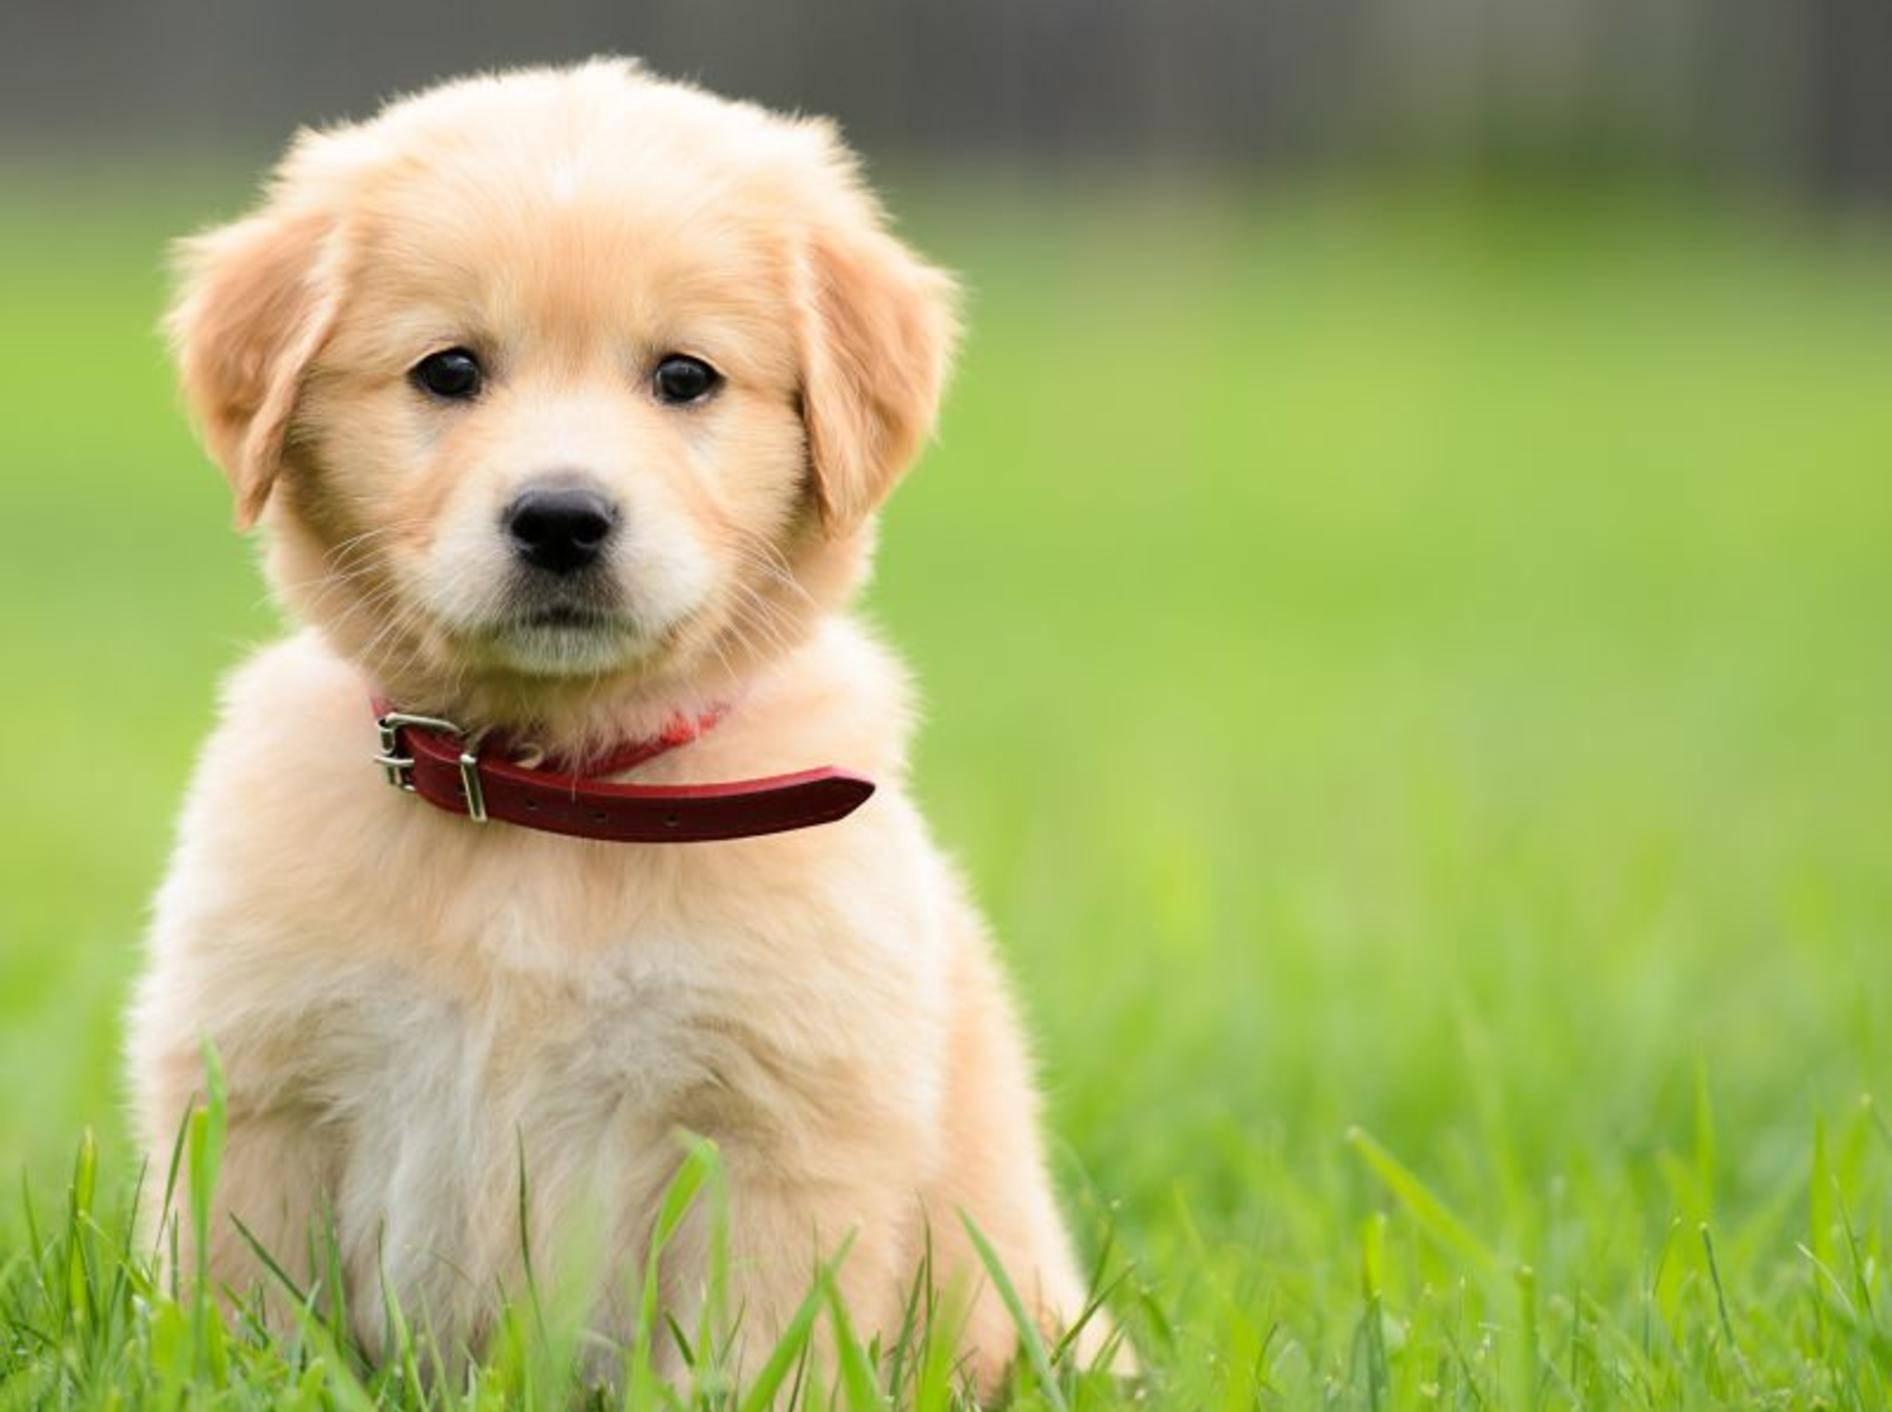 Meist ganz einfach: Welpen an ein Hundehalsband gewöhnen — BIld: Shutterstock / dragon_fang